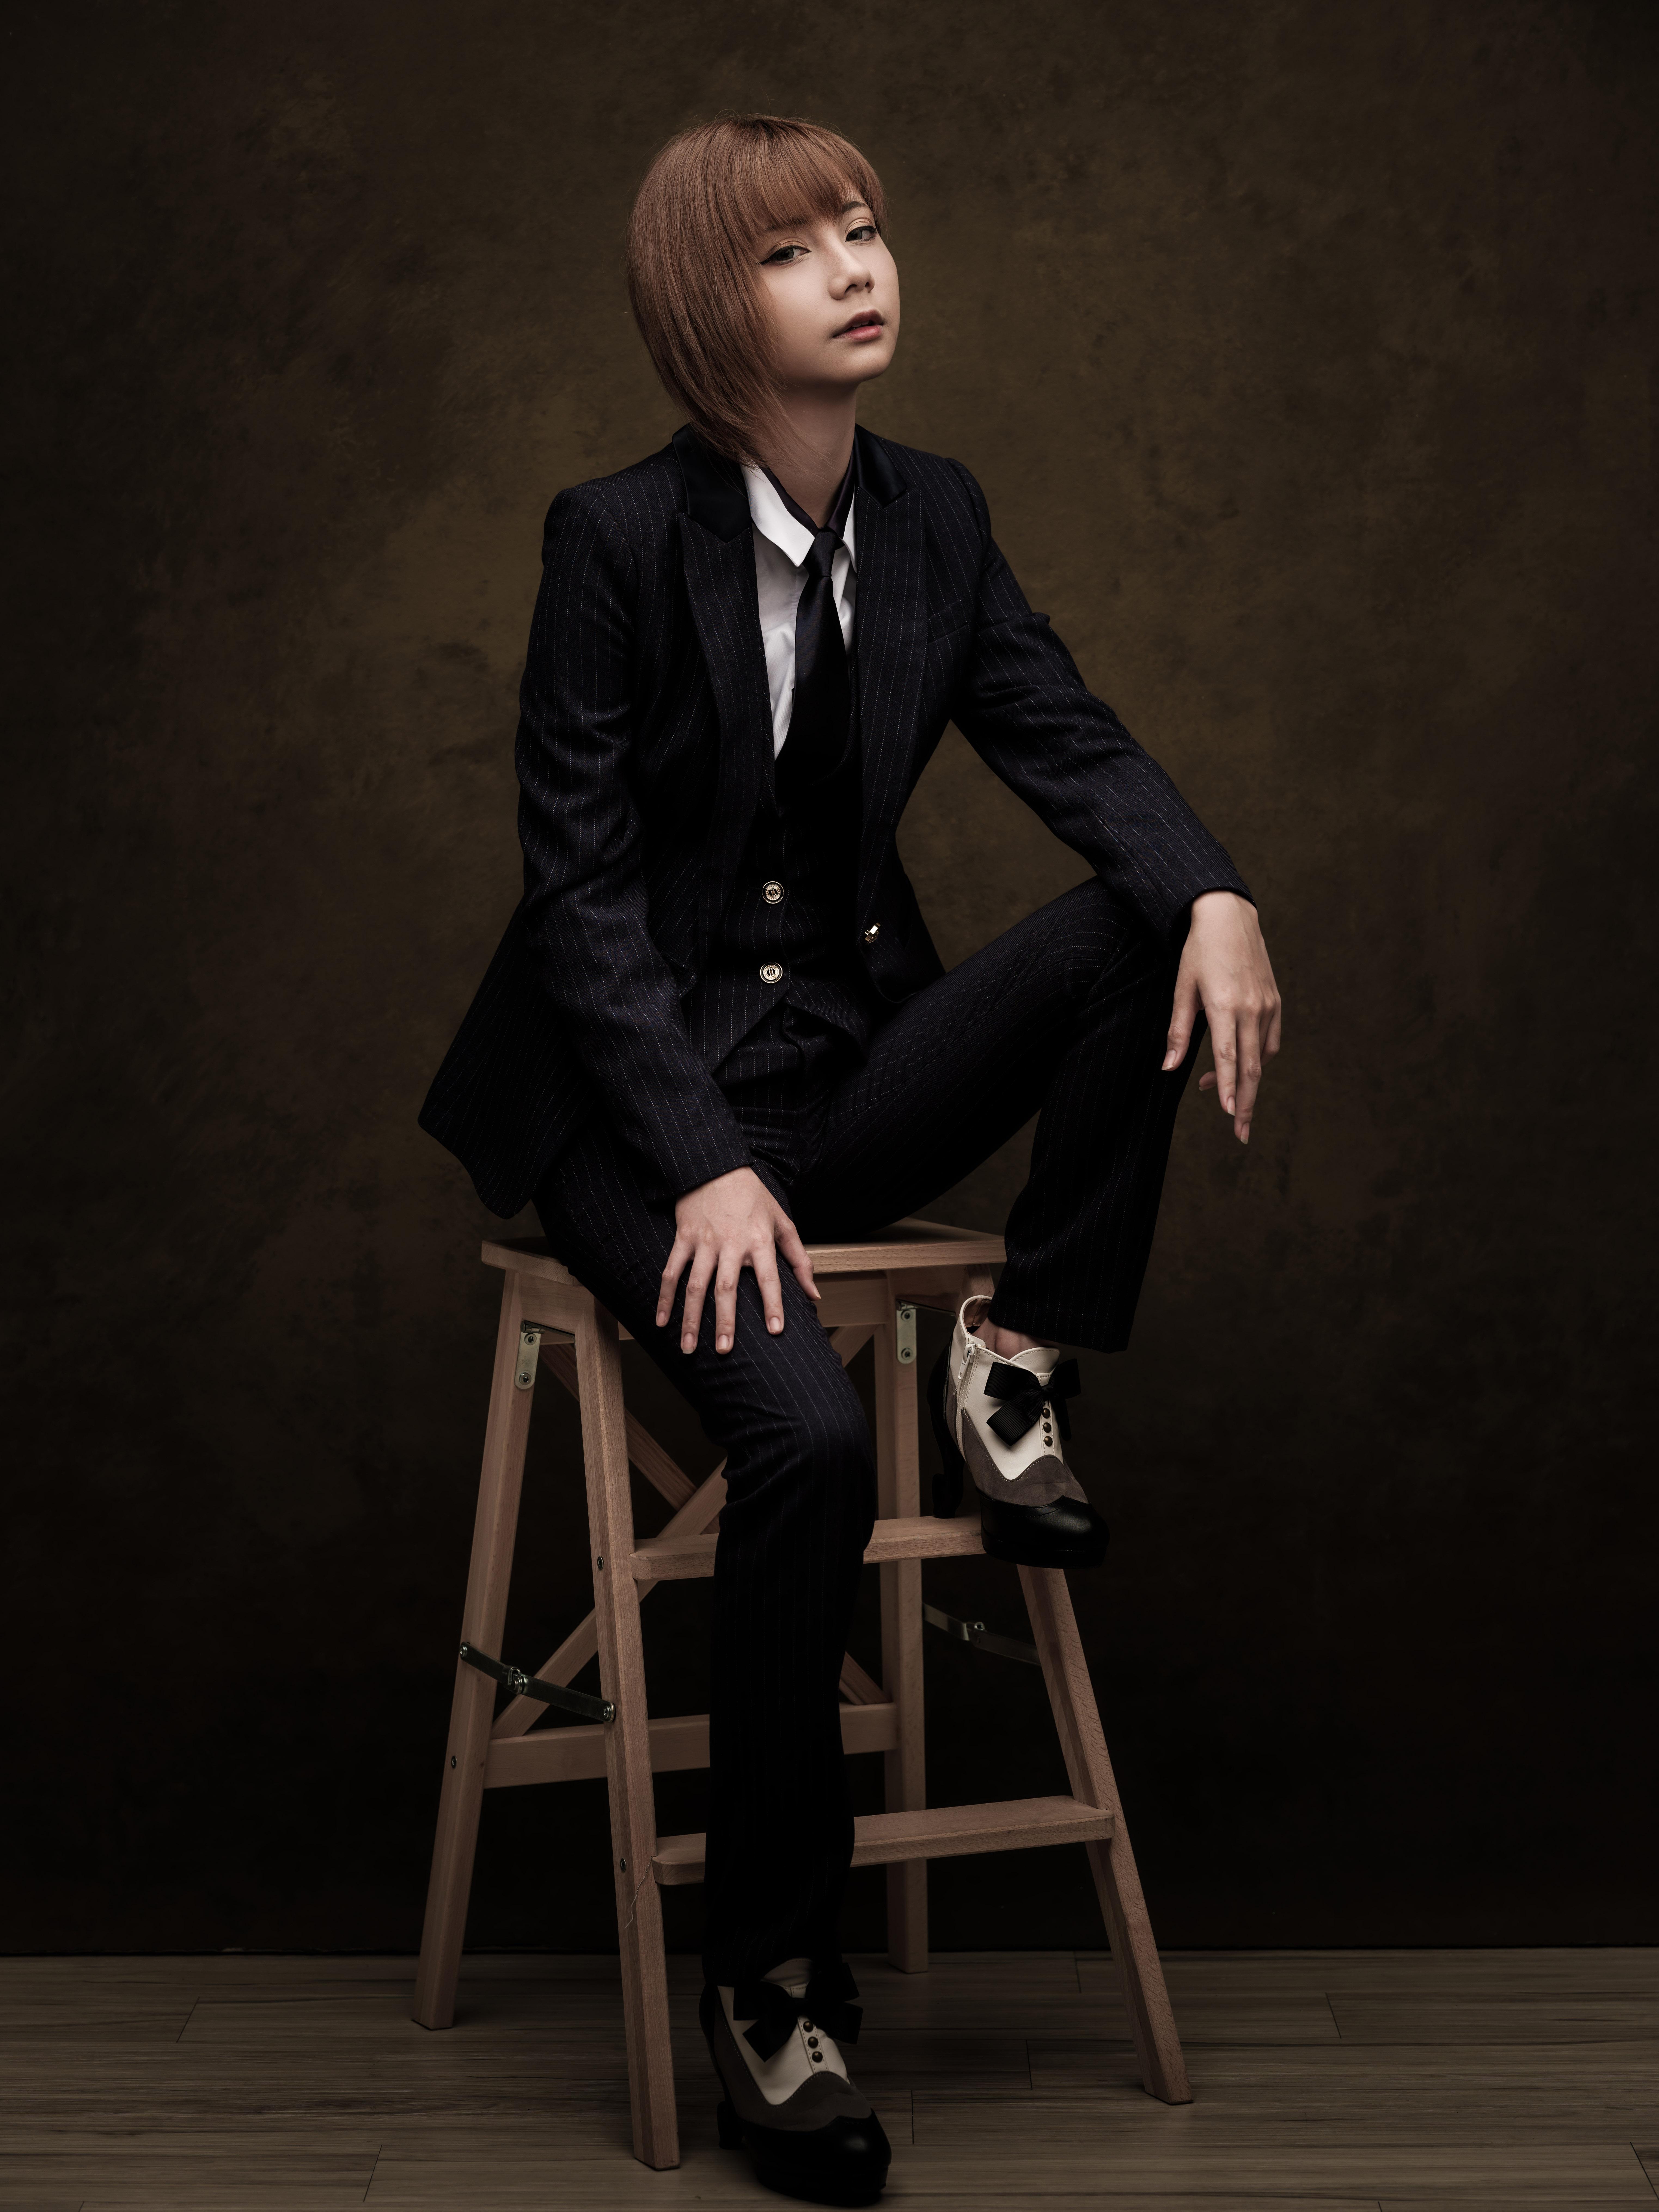 Karen Suit and Dress-003-1ed